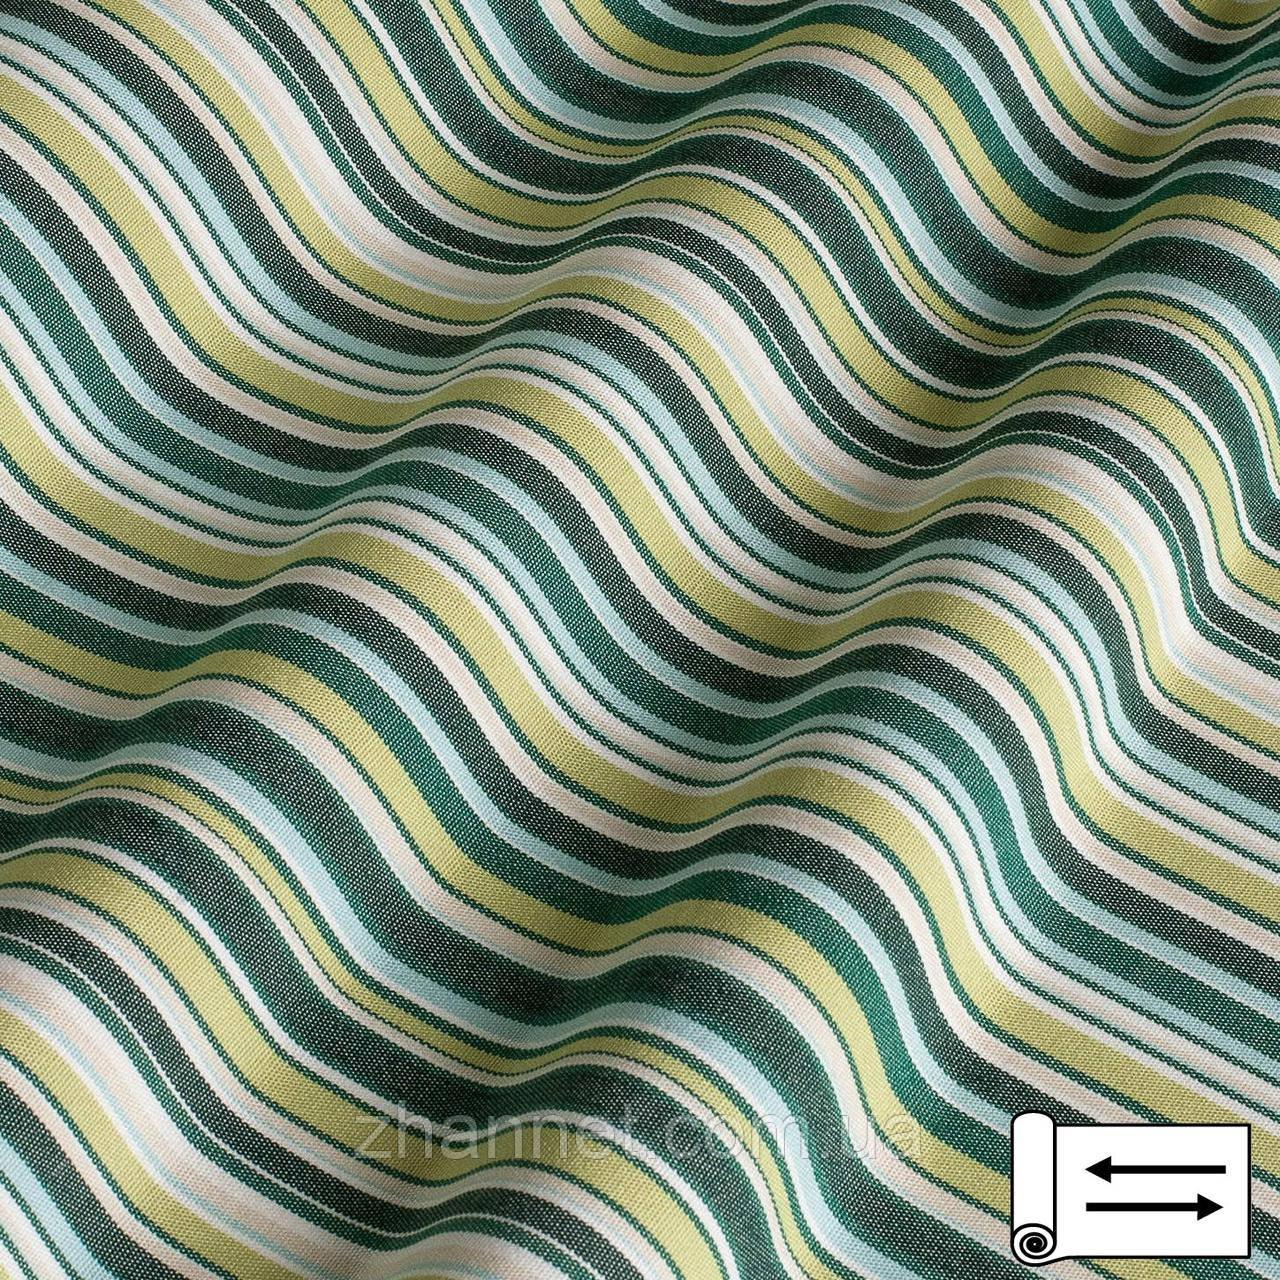 Ткань Дралон полоса зеленый, салатовый, белый 160 см (4833004)